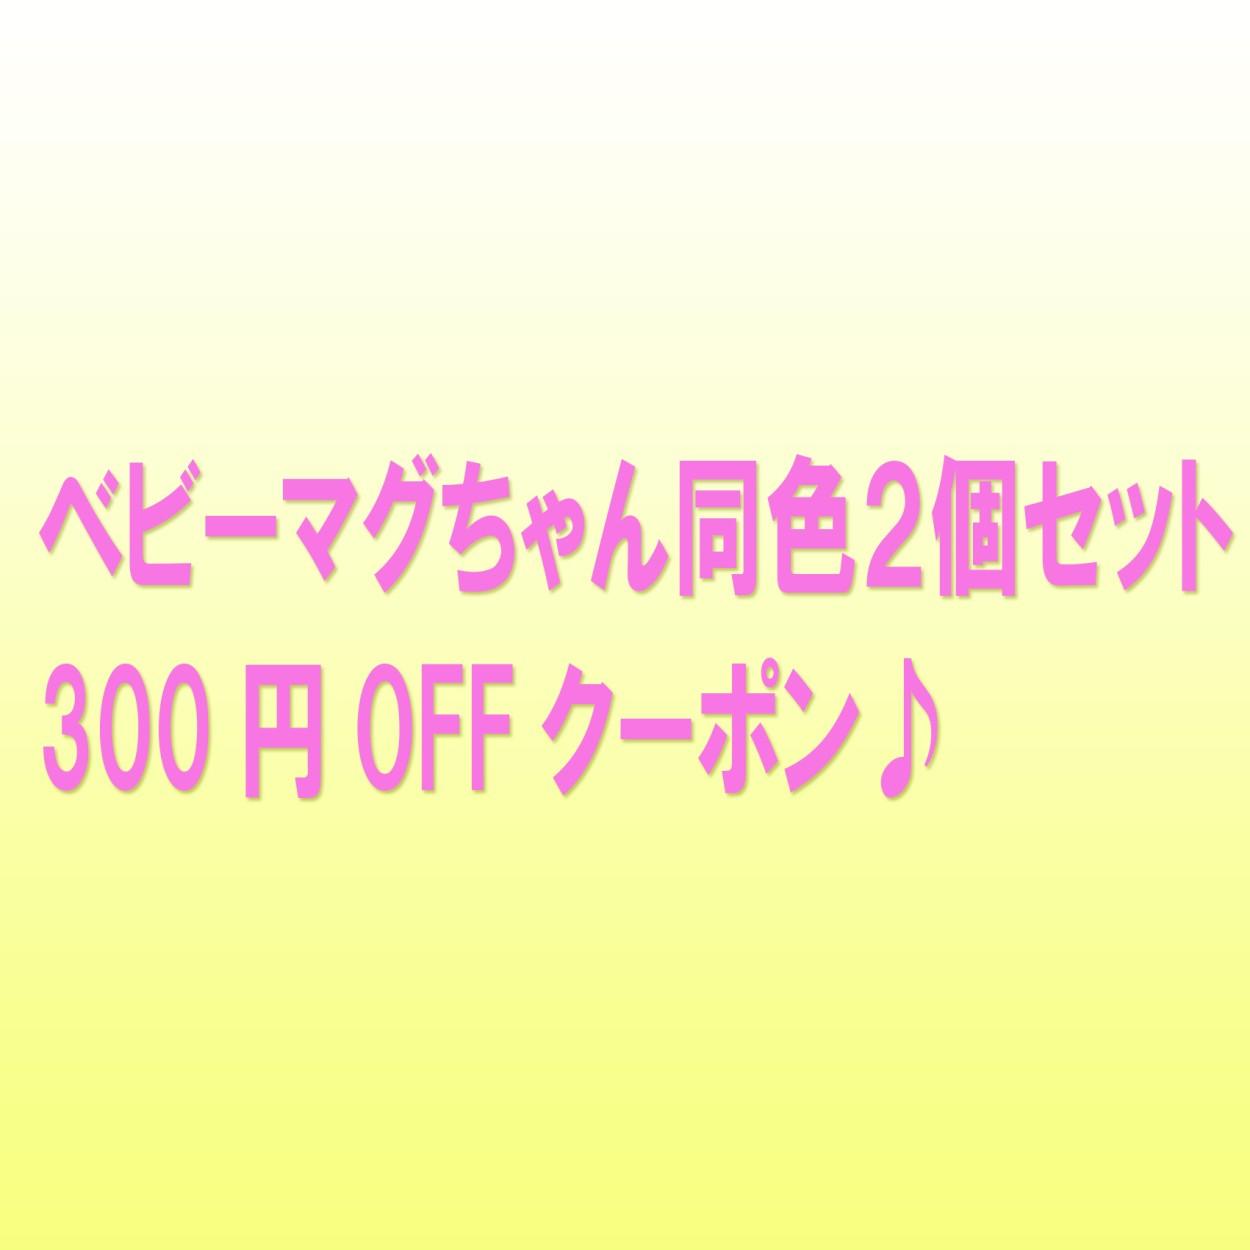 ベビーマグちゃん 同色2個セット 300円オフ クーポン